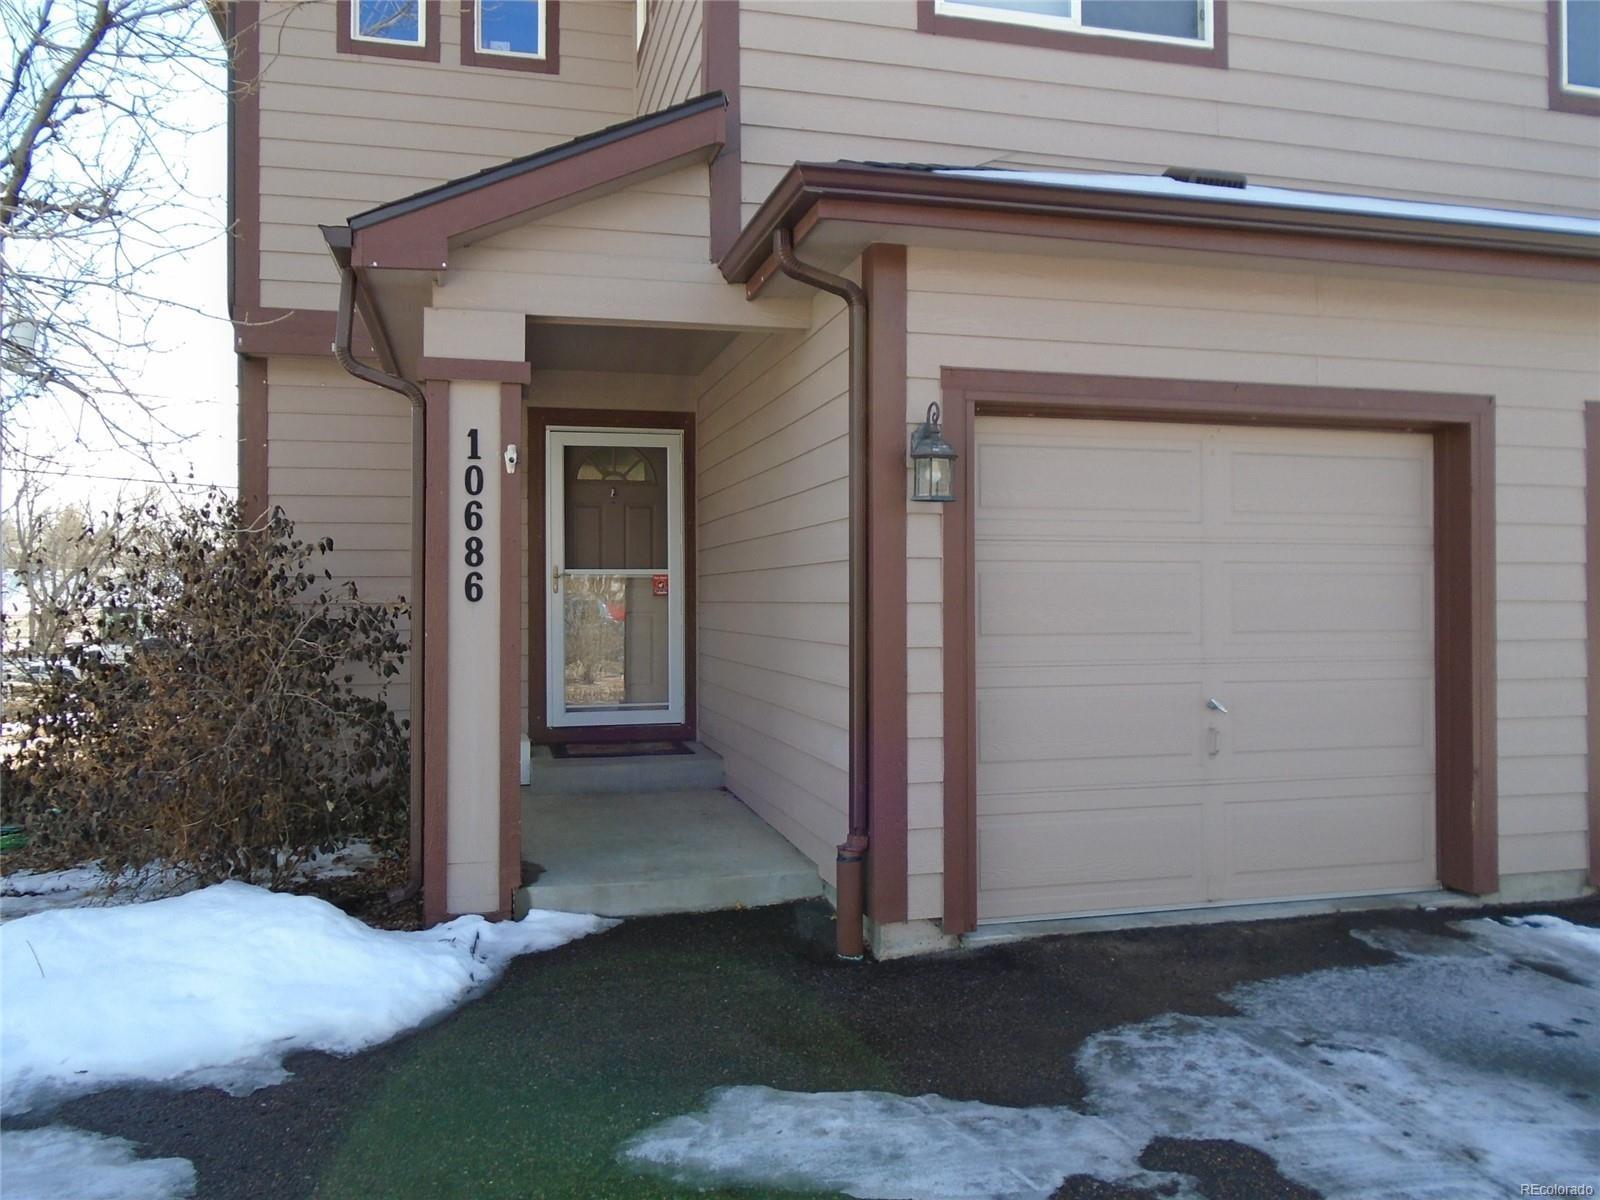 MLS# 9857414 - 10686  W 12th Lane, Lakewood, CO 80215